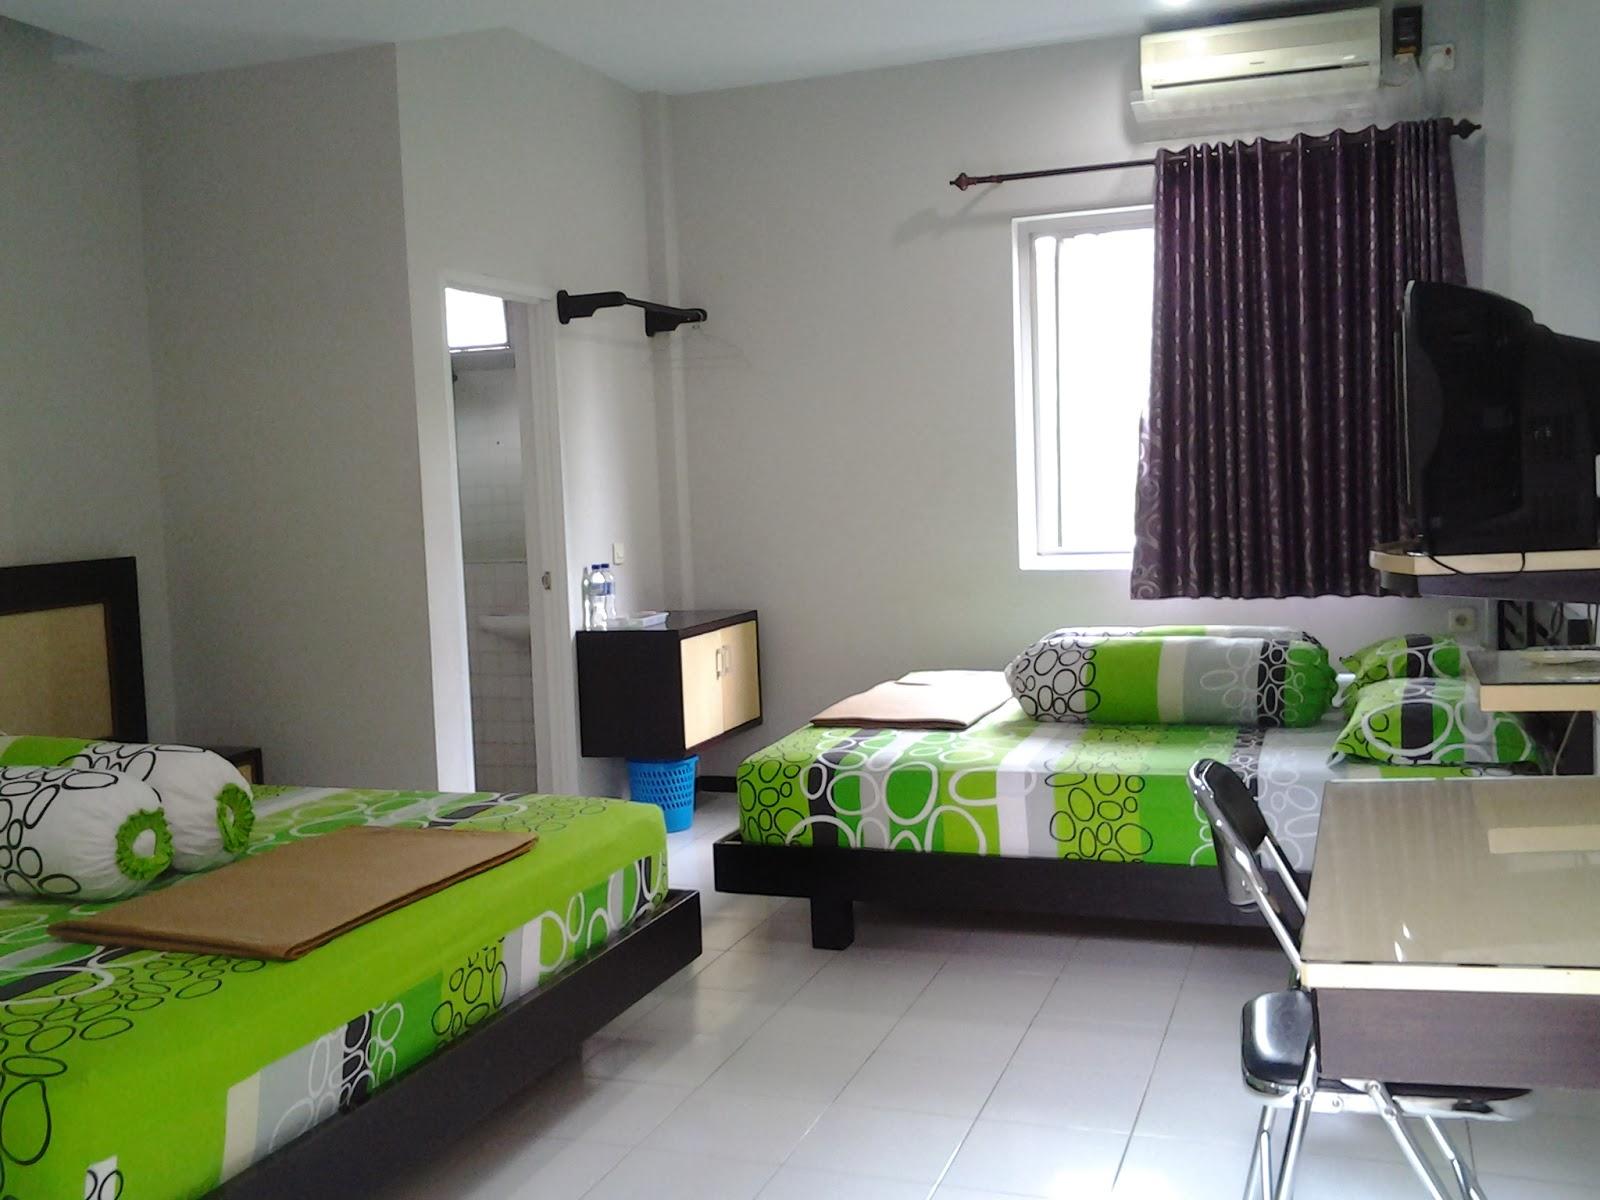 Anugrah Hotel Hotel Anugerah Jember